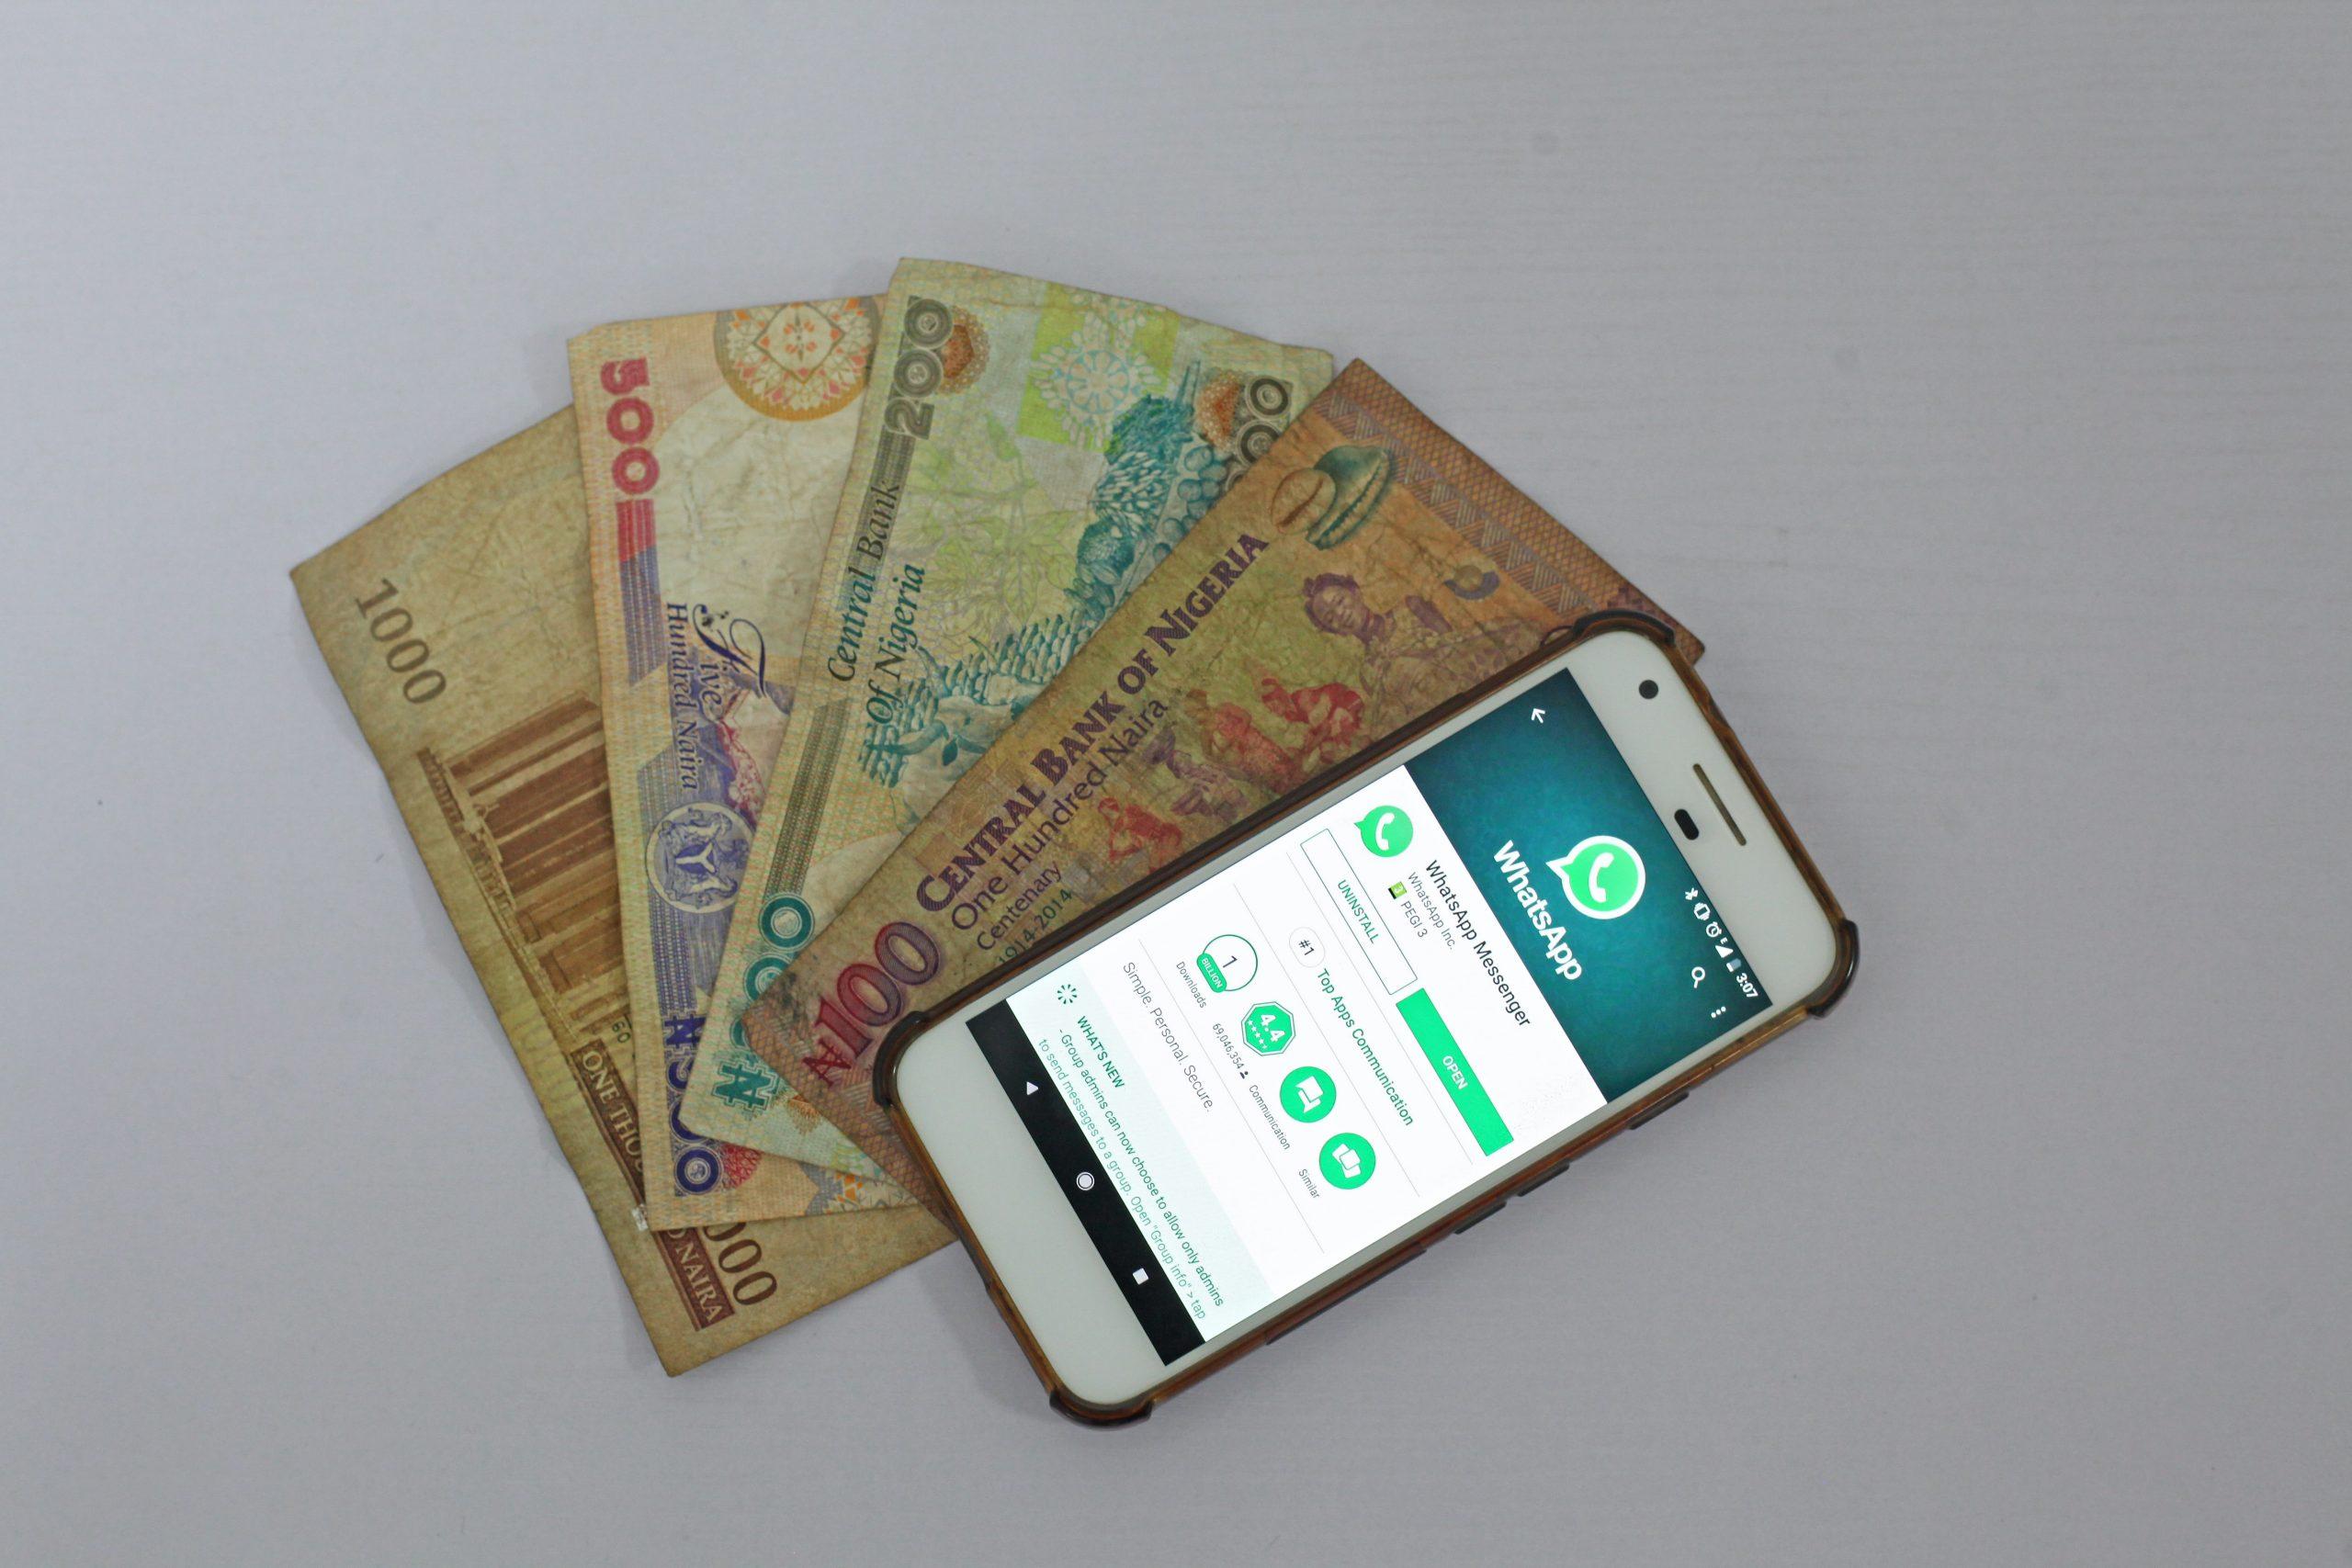 Imagem mostra um celular exibindo a página de download do WhatsApp junto com notas de dinheiro.